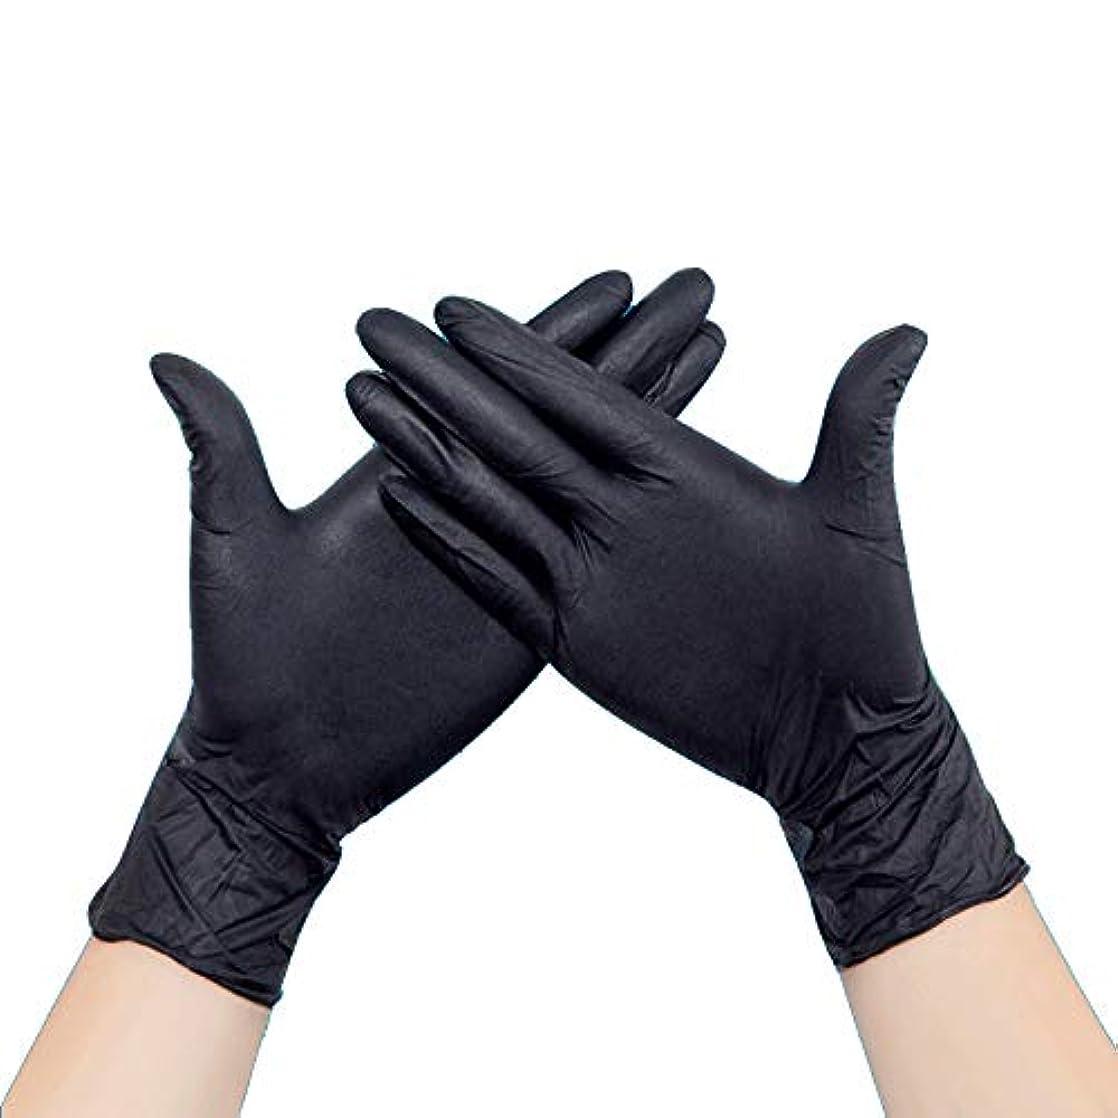 影響を受けやすいです売る犬ニトリル手袋 使い捨て手袋 メカニックグローブ 50枚入 家庭、クリーニング、実験室、ネイルアート ブラック 帯電防止手袋 左右兼用